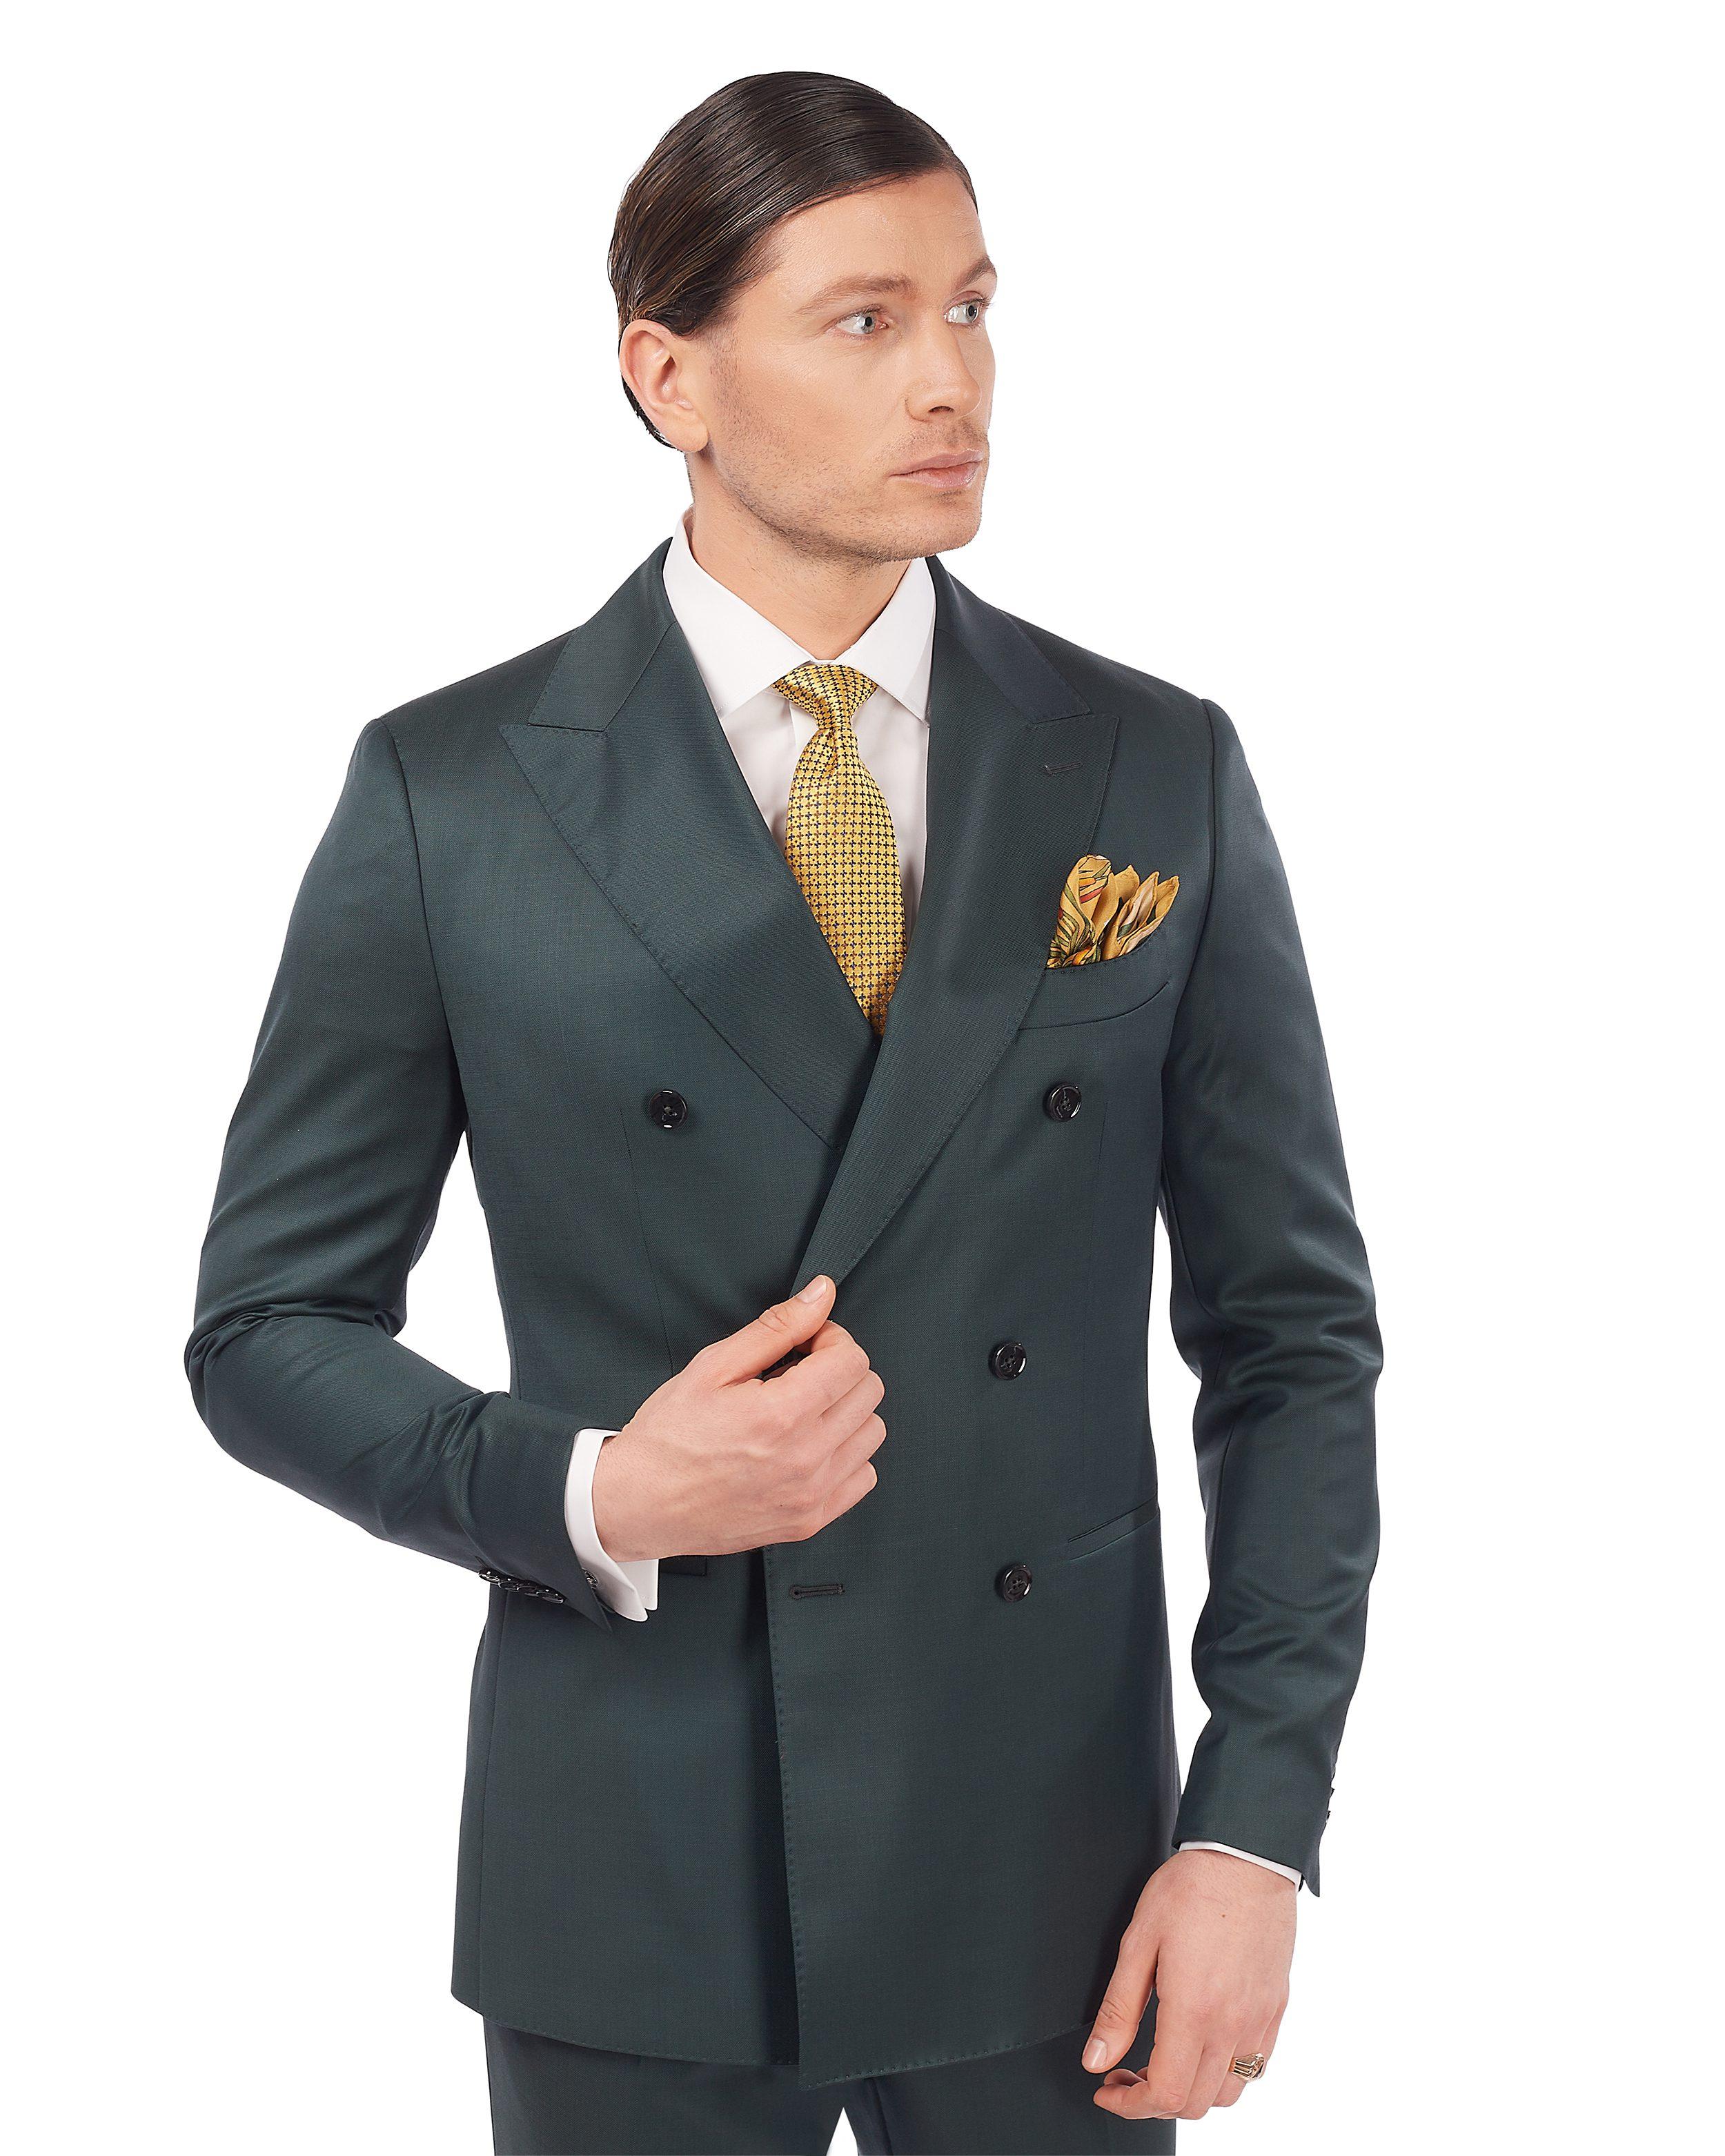 Costum-Barbati-Double-Breasted-Verde-Olive-Magazin-Costume-Barbati-Cluj-Napoca-Gentlemens-Boutique-Gold-Soporului-8-